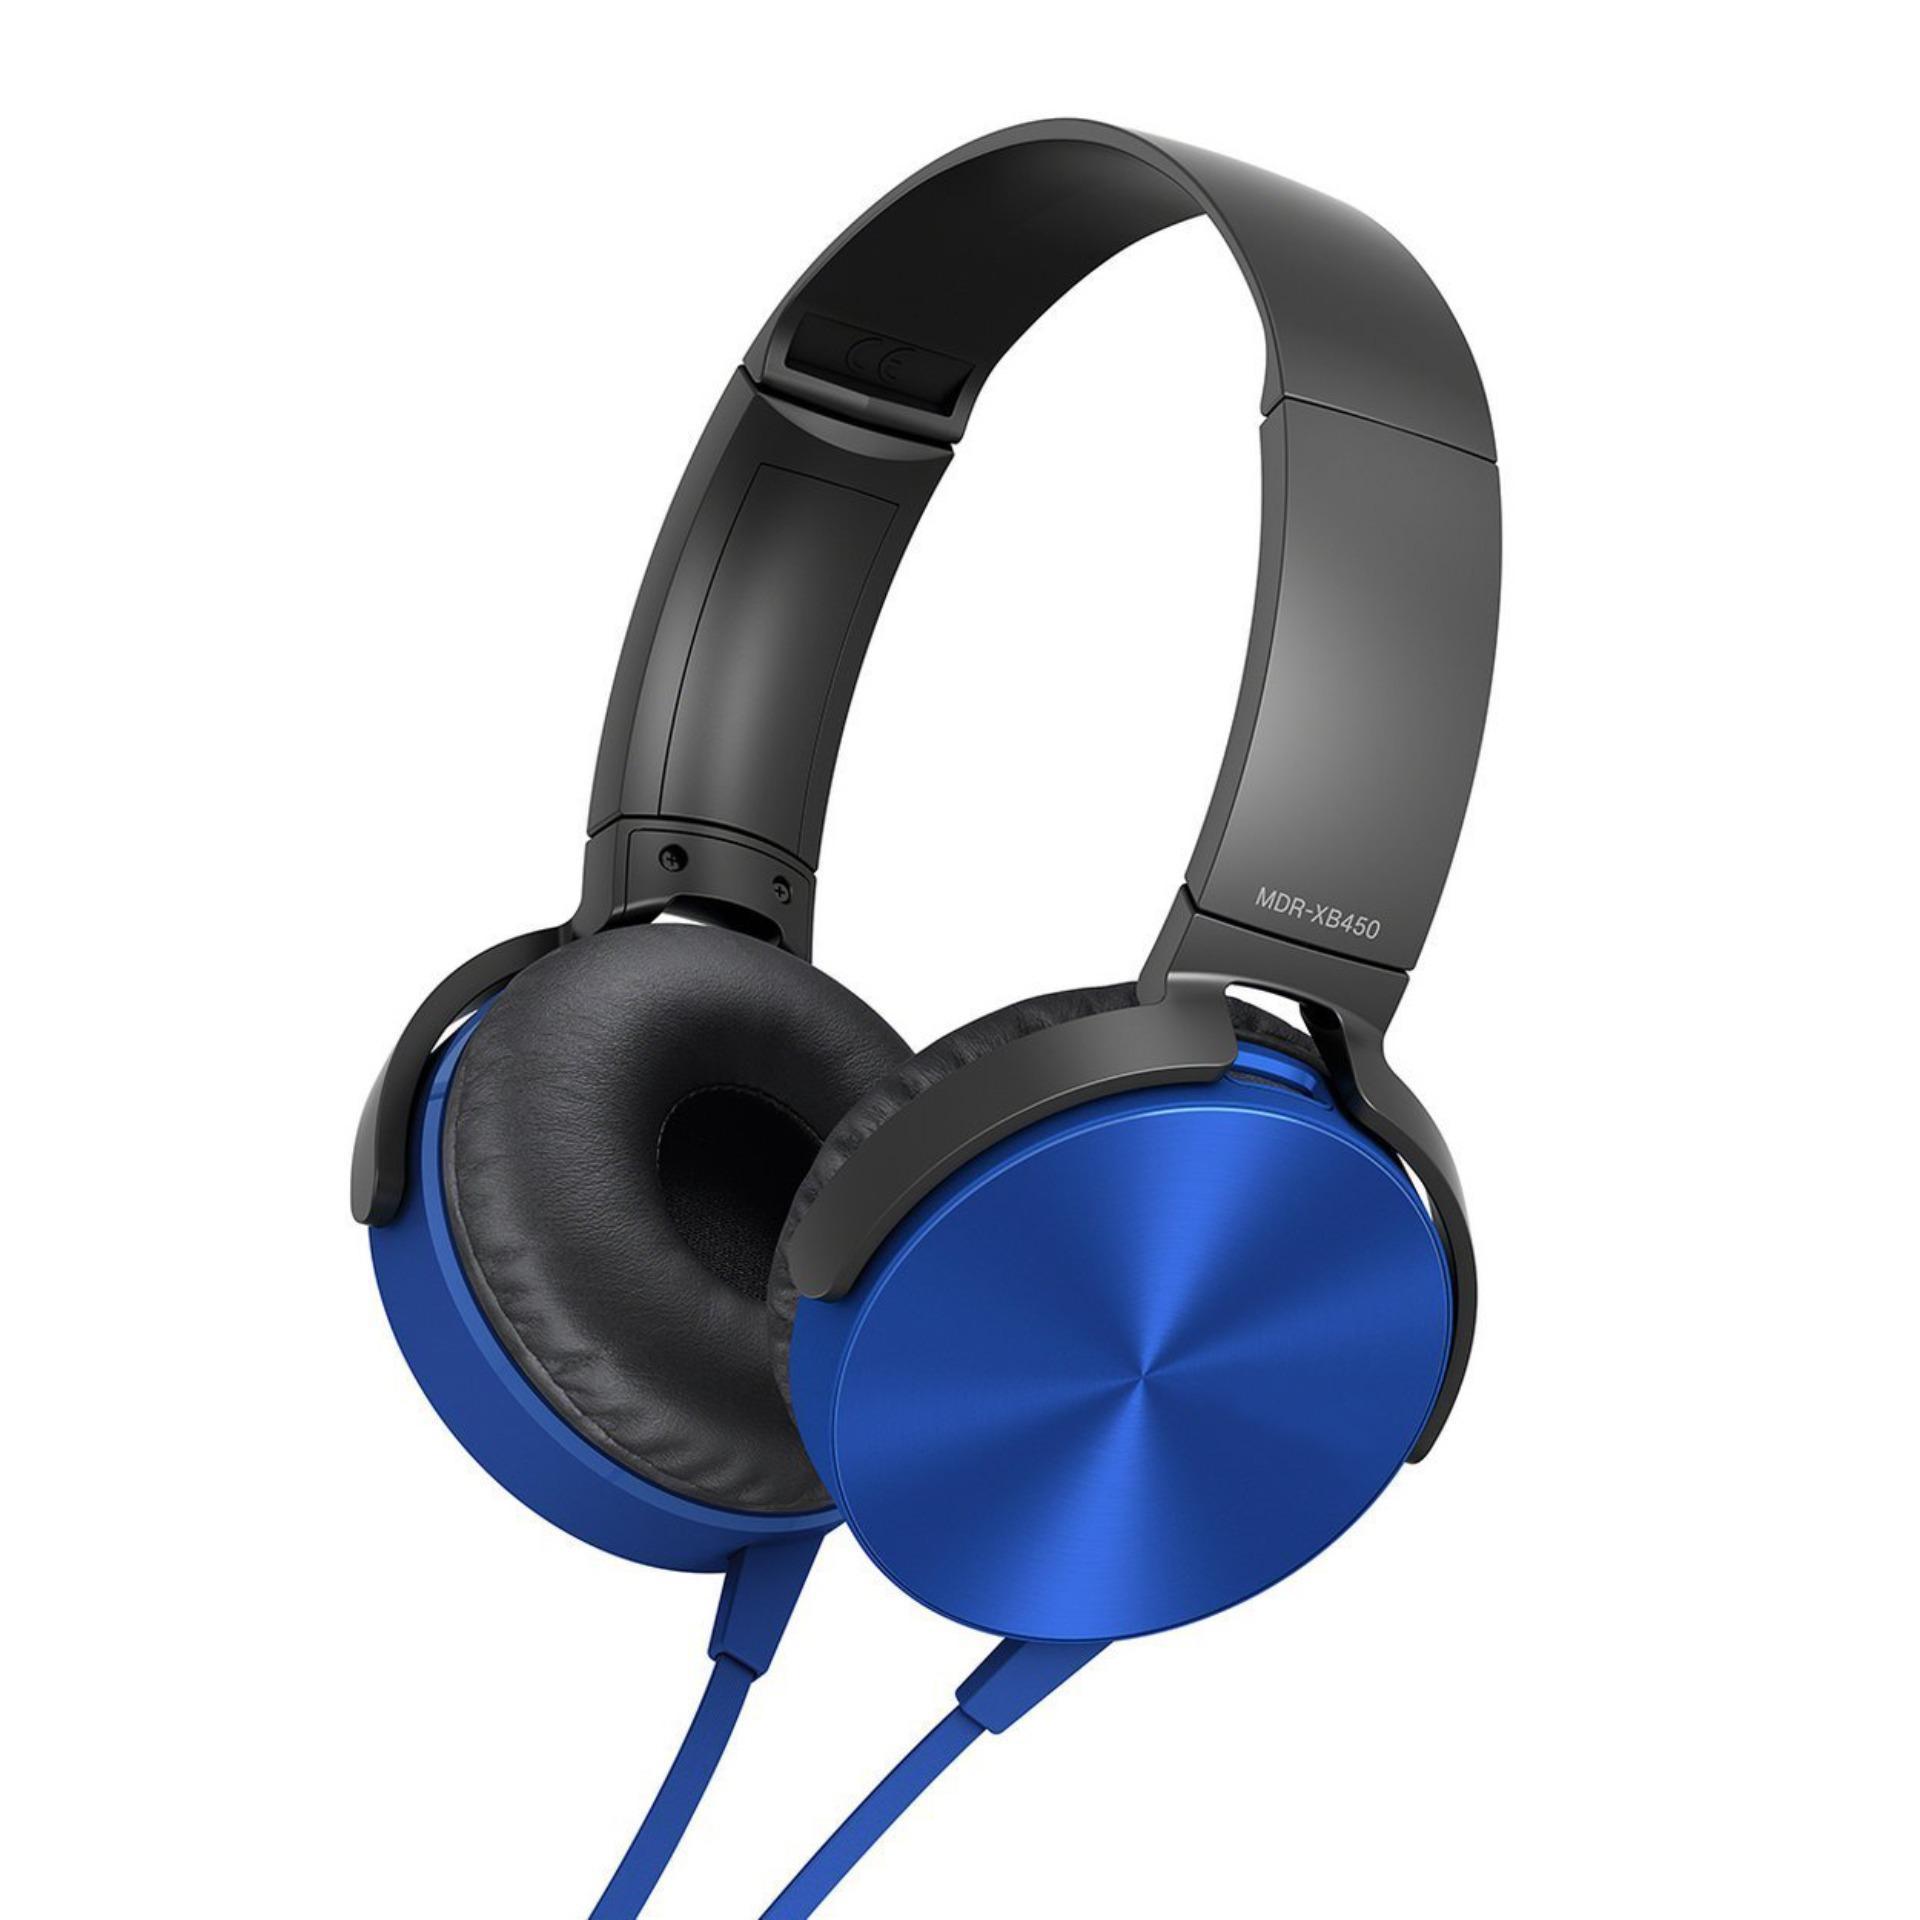 Jual Headphone Anugerah Headset Mdr Xb450Ap Anugerah Asli